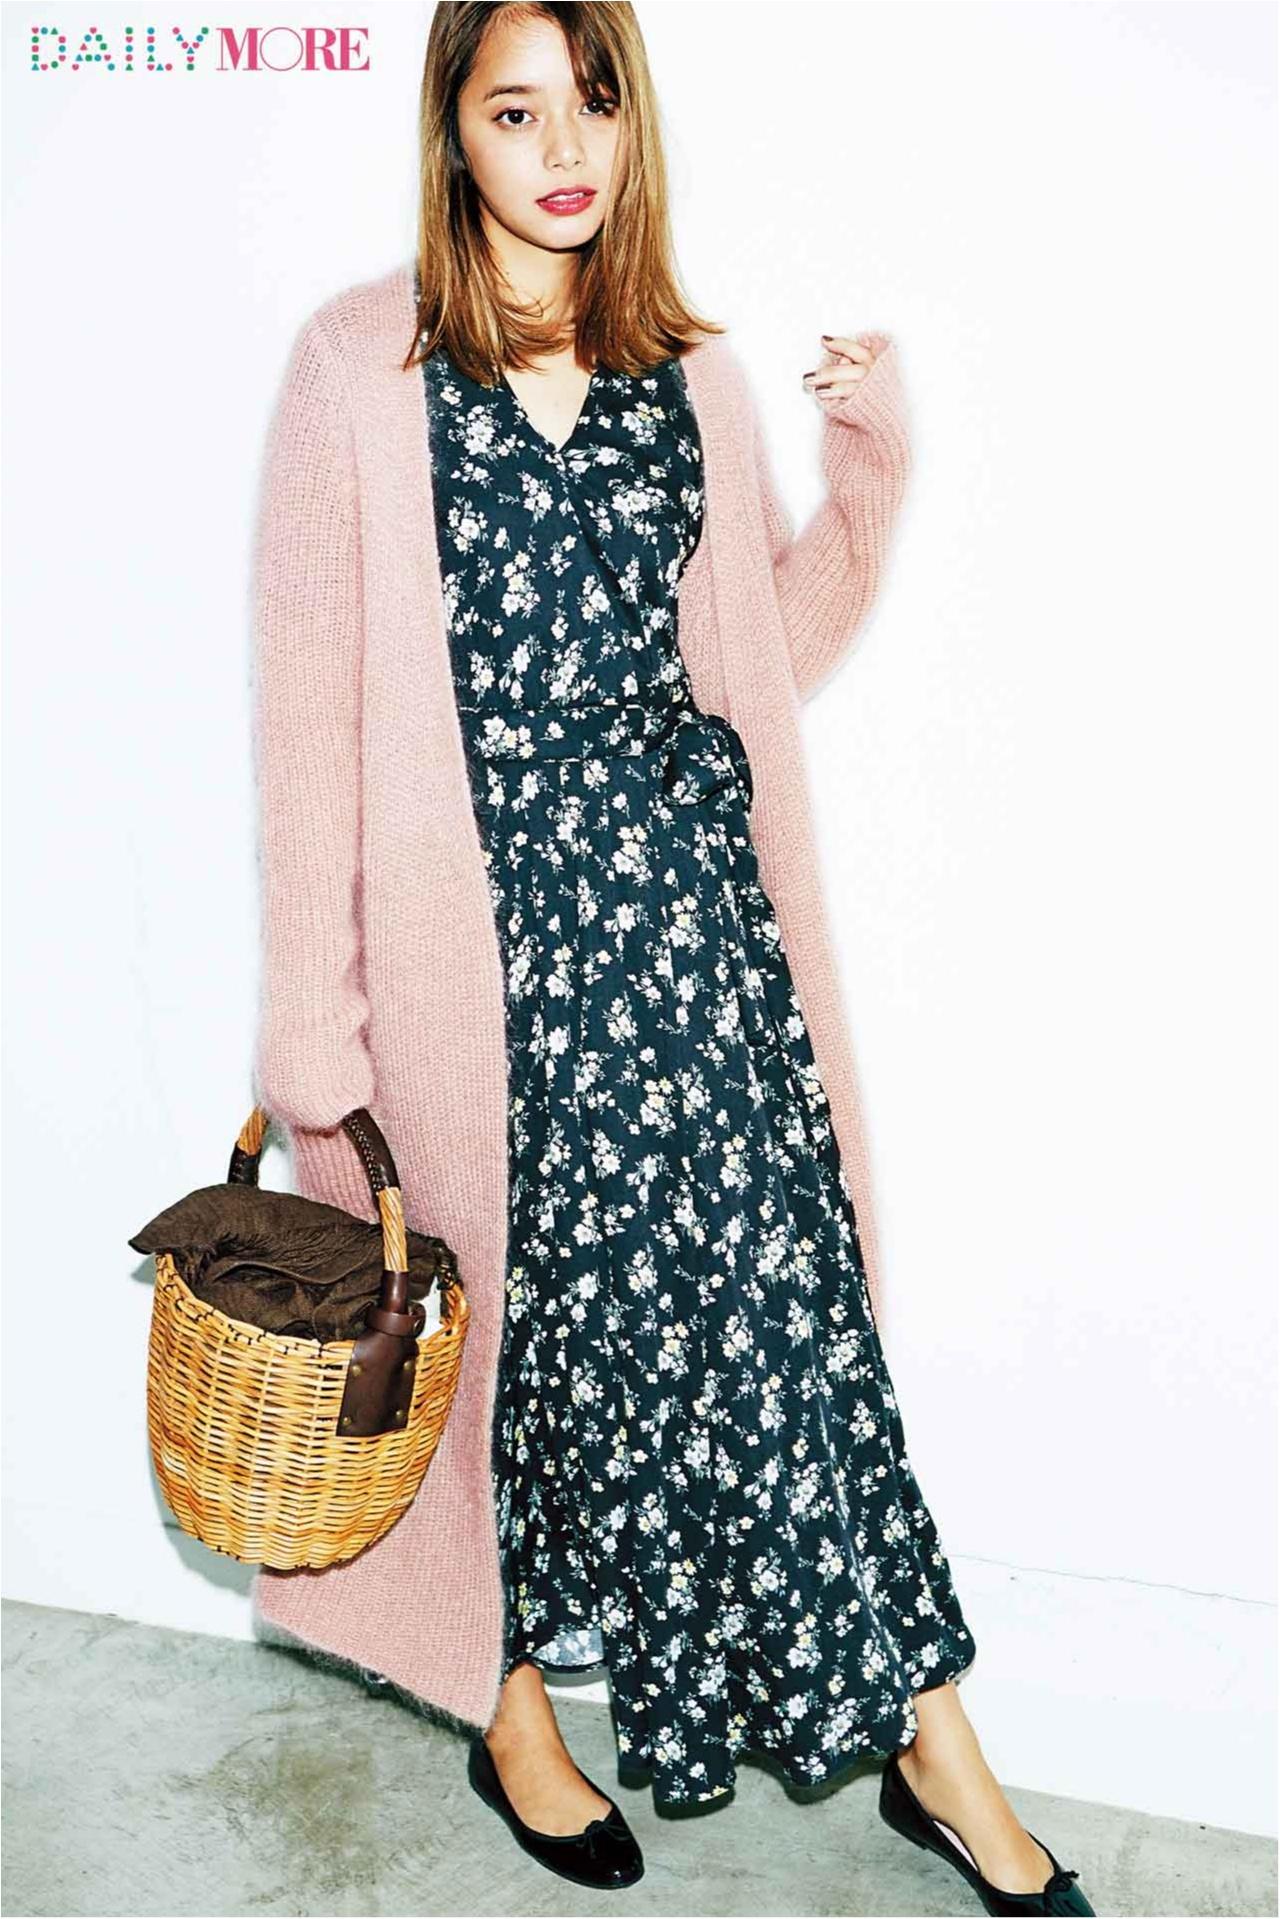 """【この冬、絶対やるべき配色バランス】岸本セシルが着こなす""""黒とピンク""""が超絶かわいい!_2"""